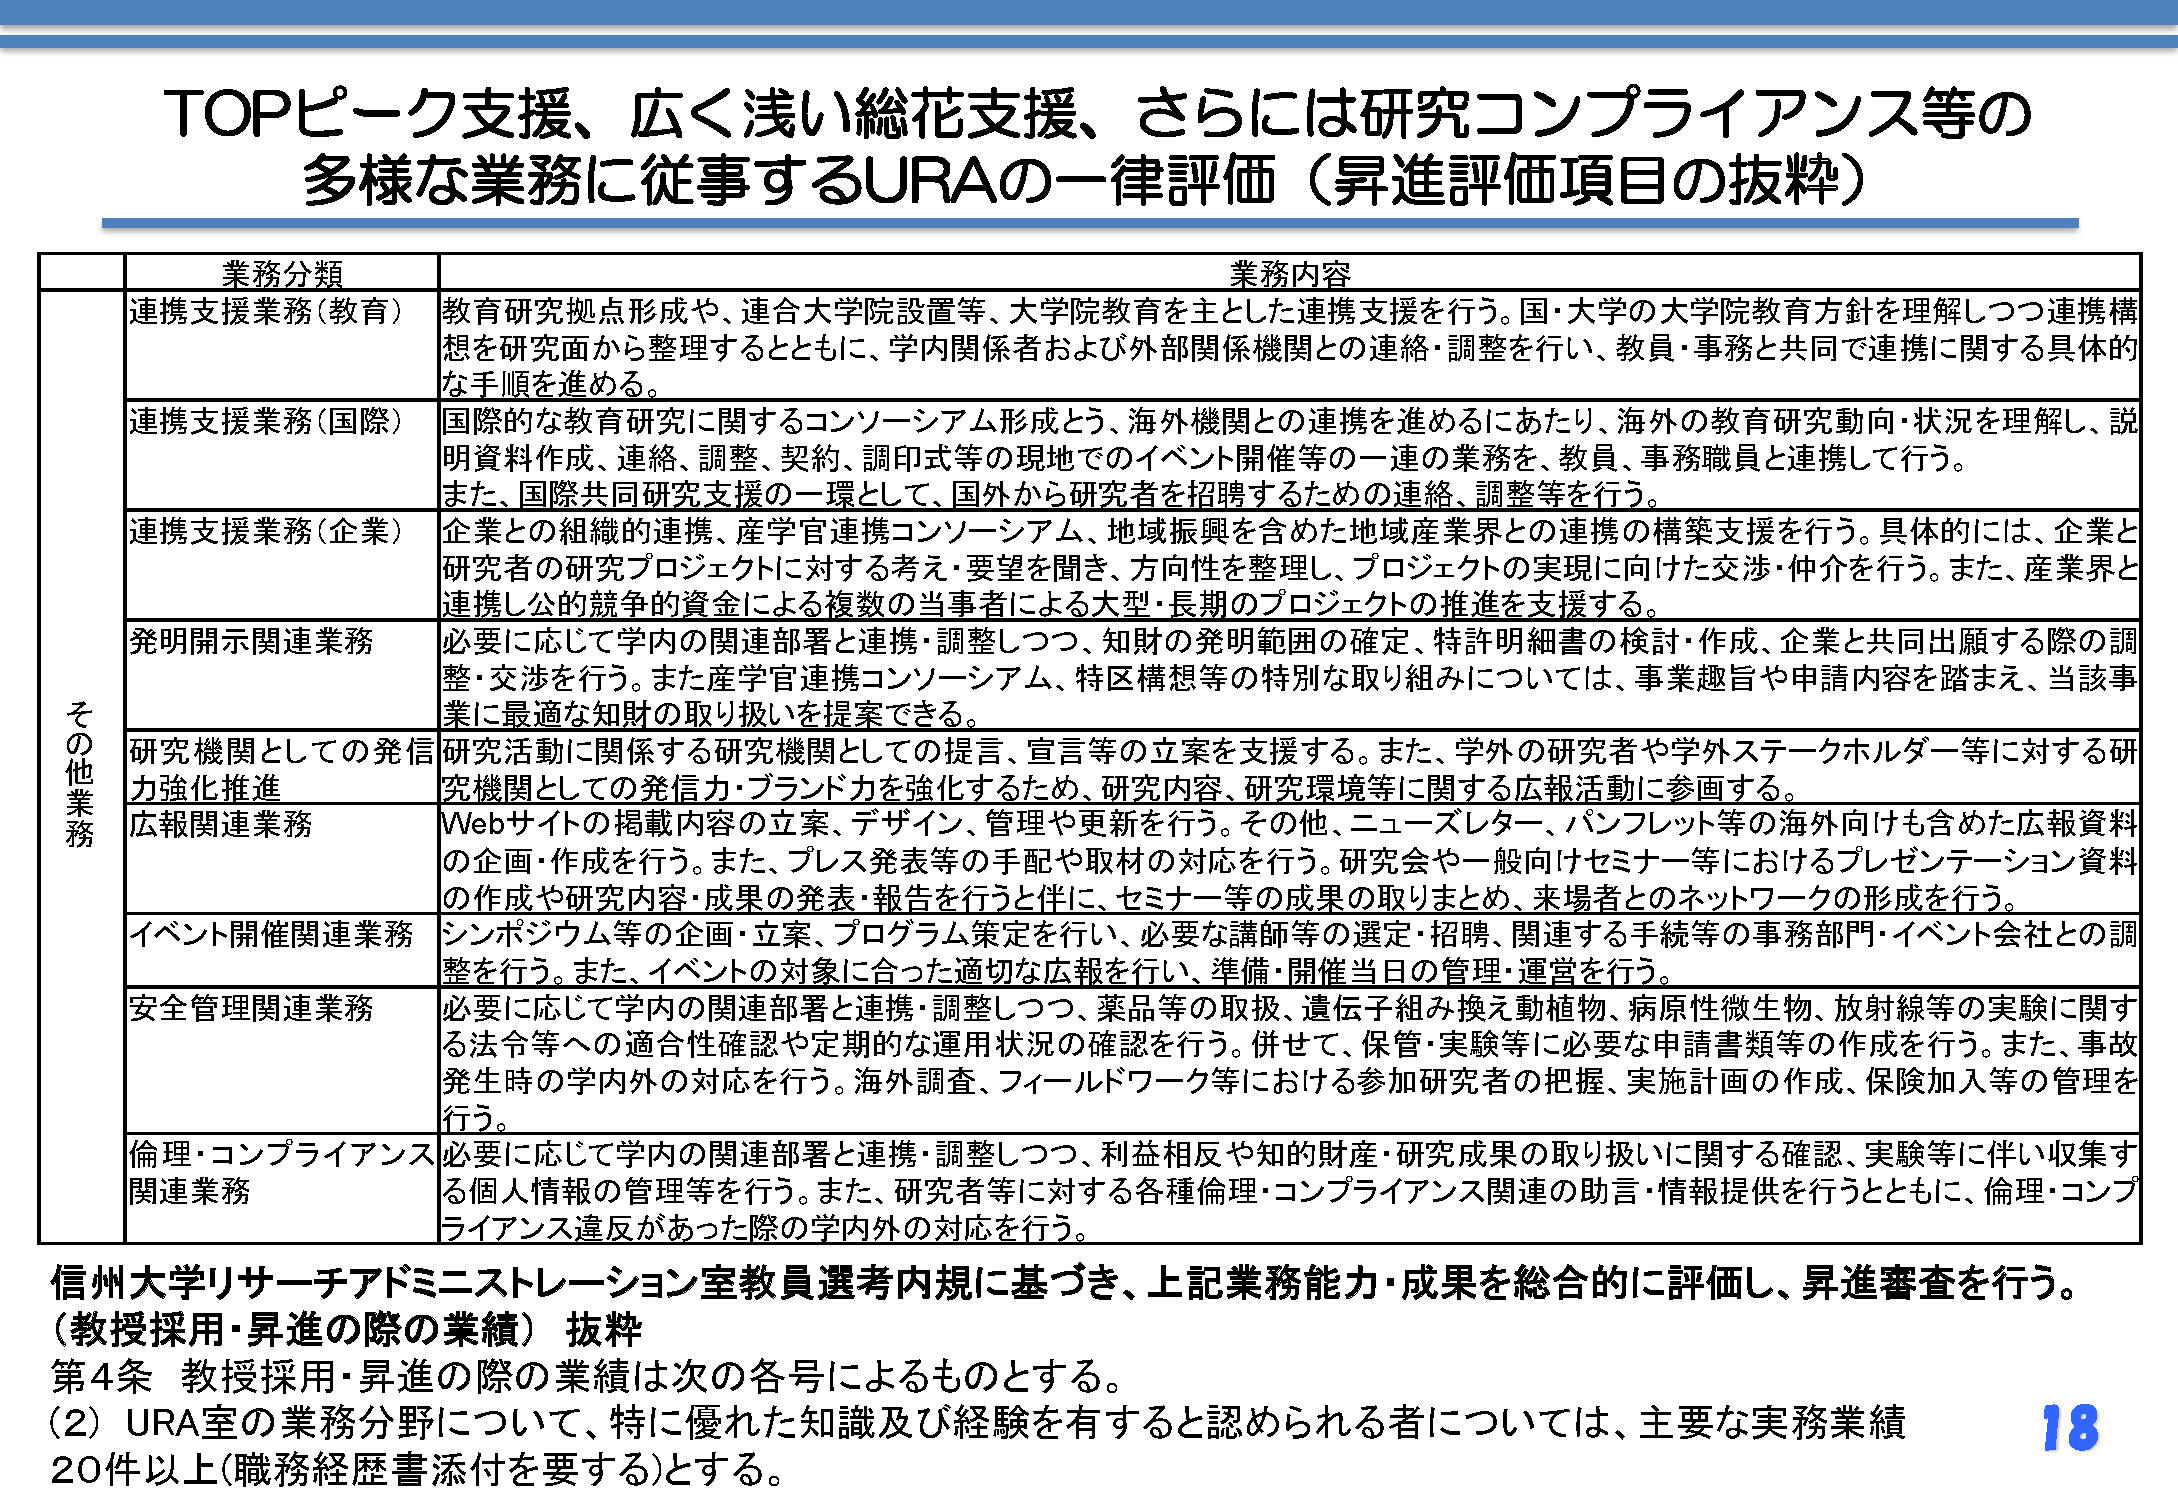 杉原氏講演資料6